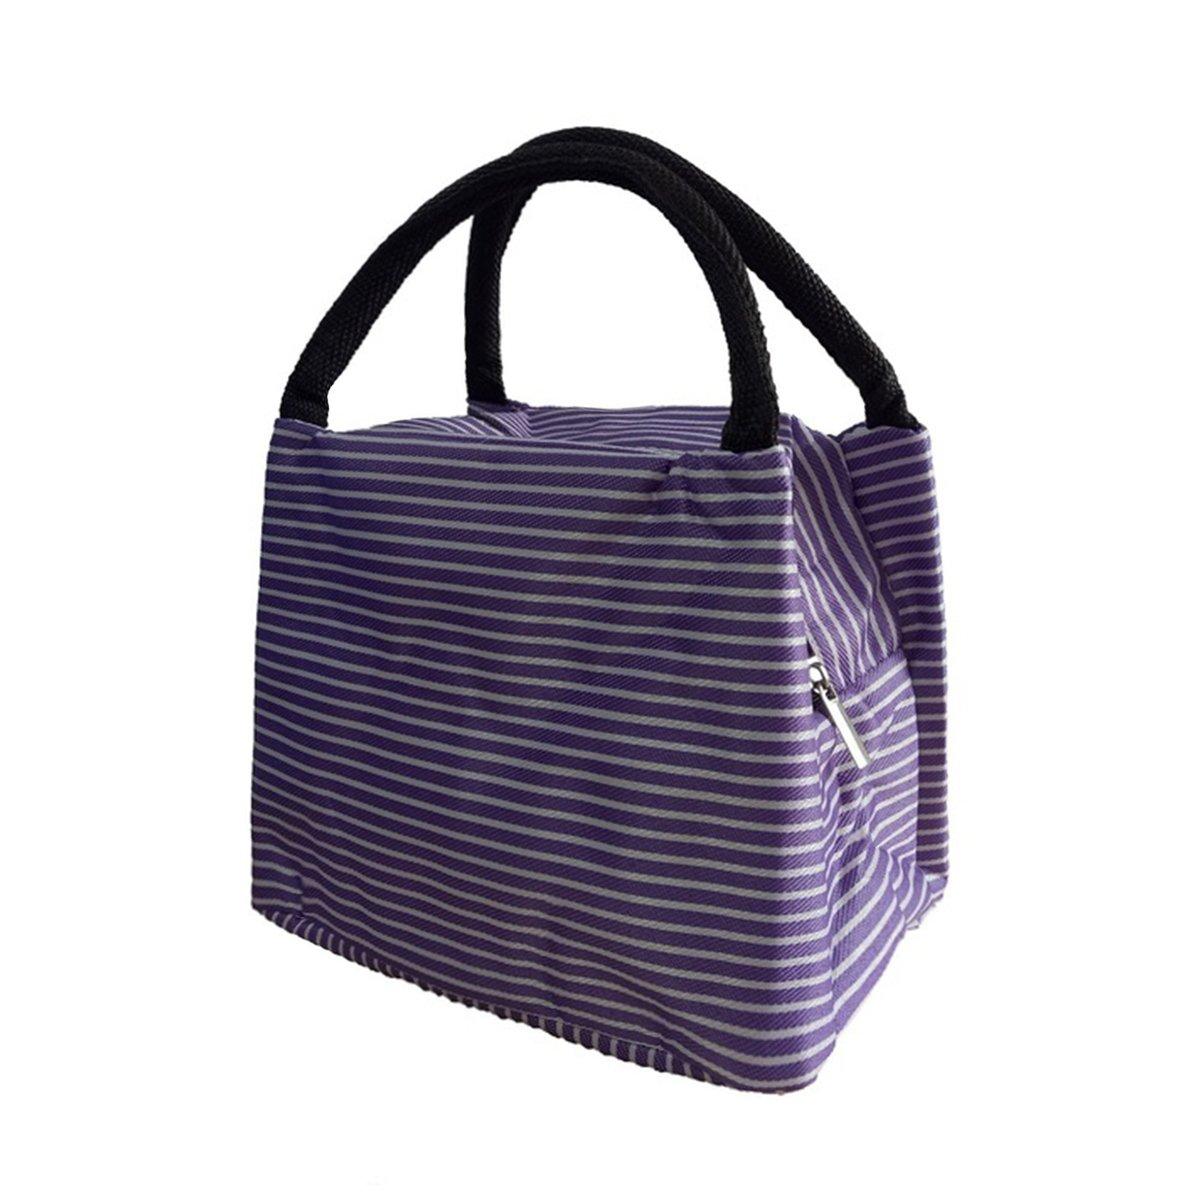 Tick Tocking tragbar Streifen isoliert K/älte Picknick Lunch-Boxen Aufbewahrungstasche Bewahren Frische oxfordfabric Lunchbox Einheitsgr/ö/ße violett